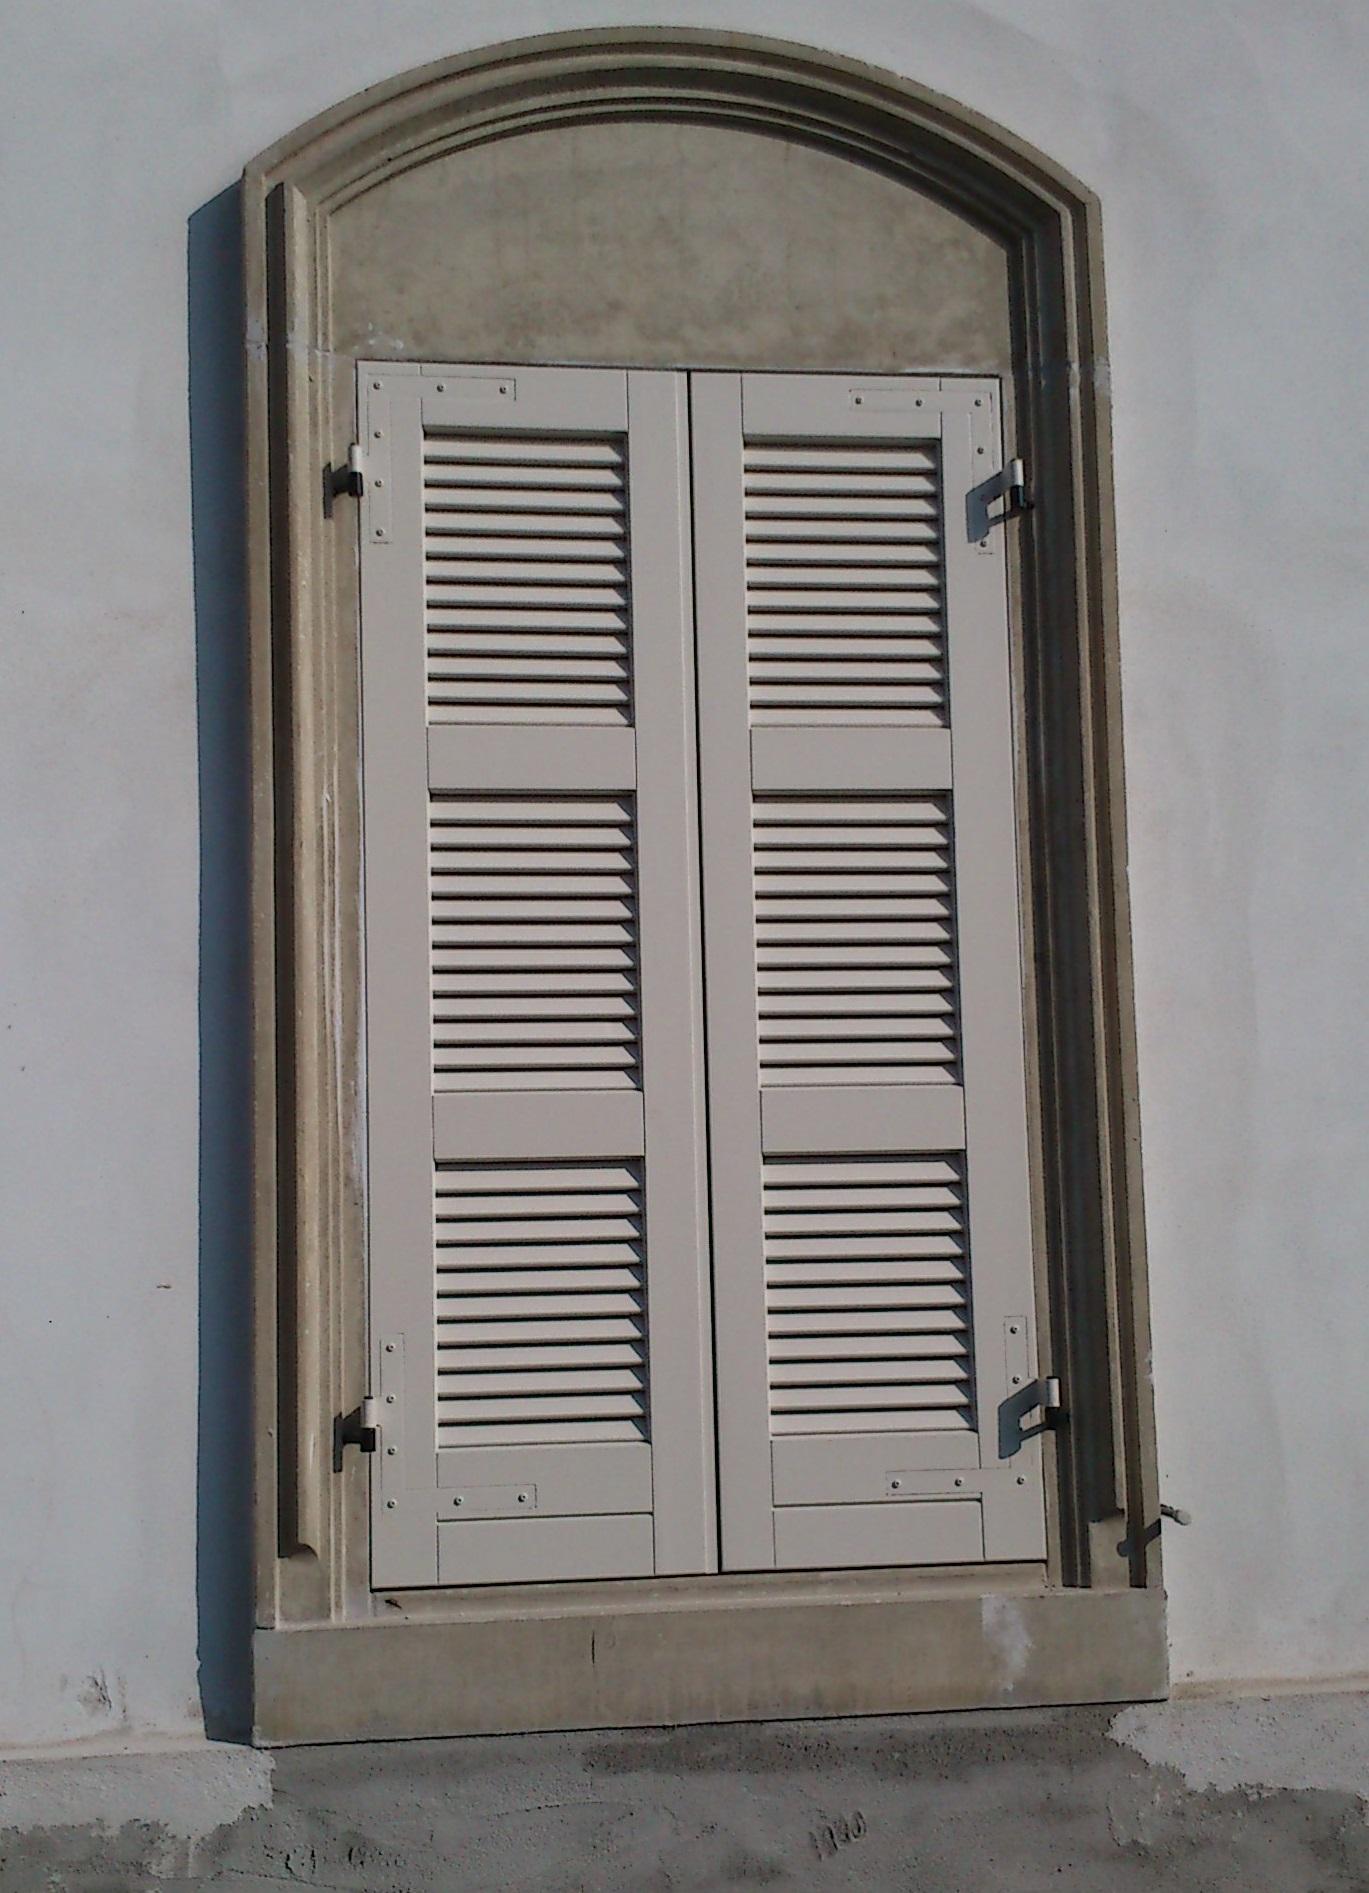 Cornici di gronda per finestre e porte marcapiani ecc - Davanzale finestra ...